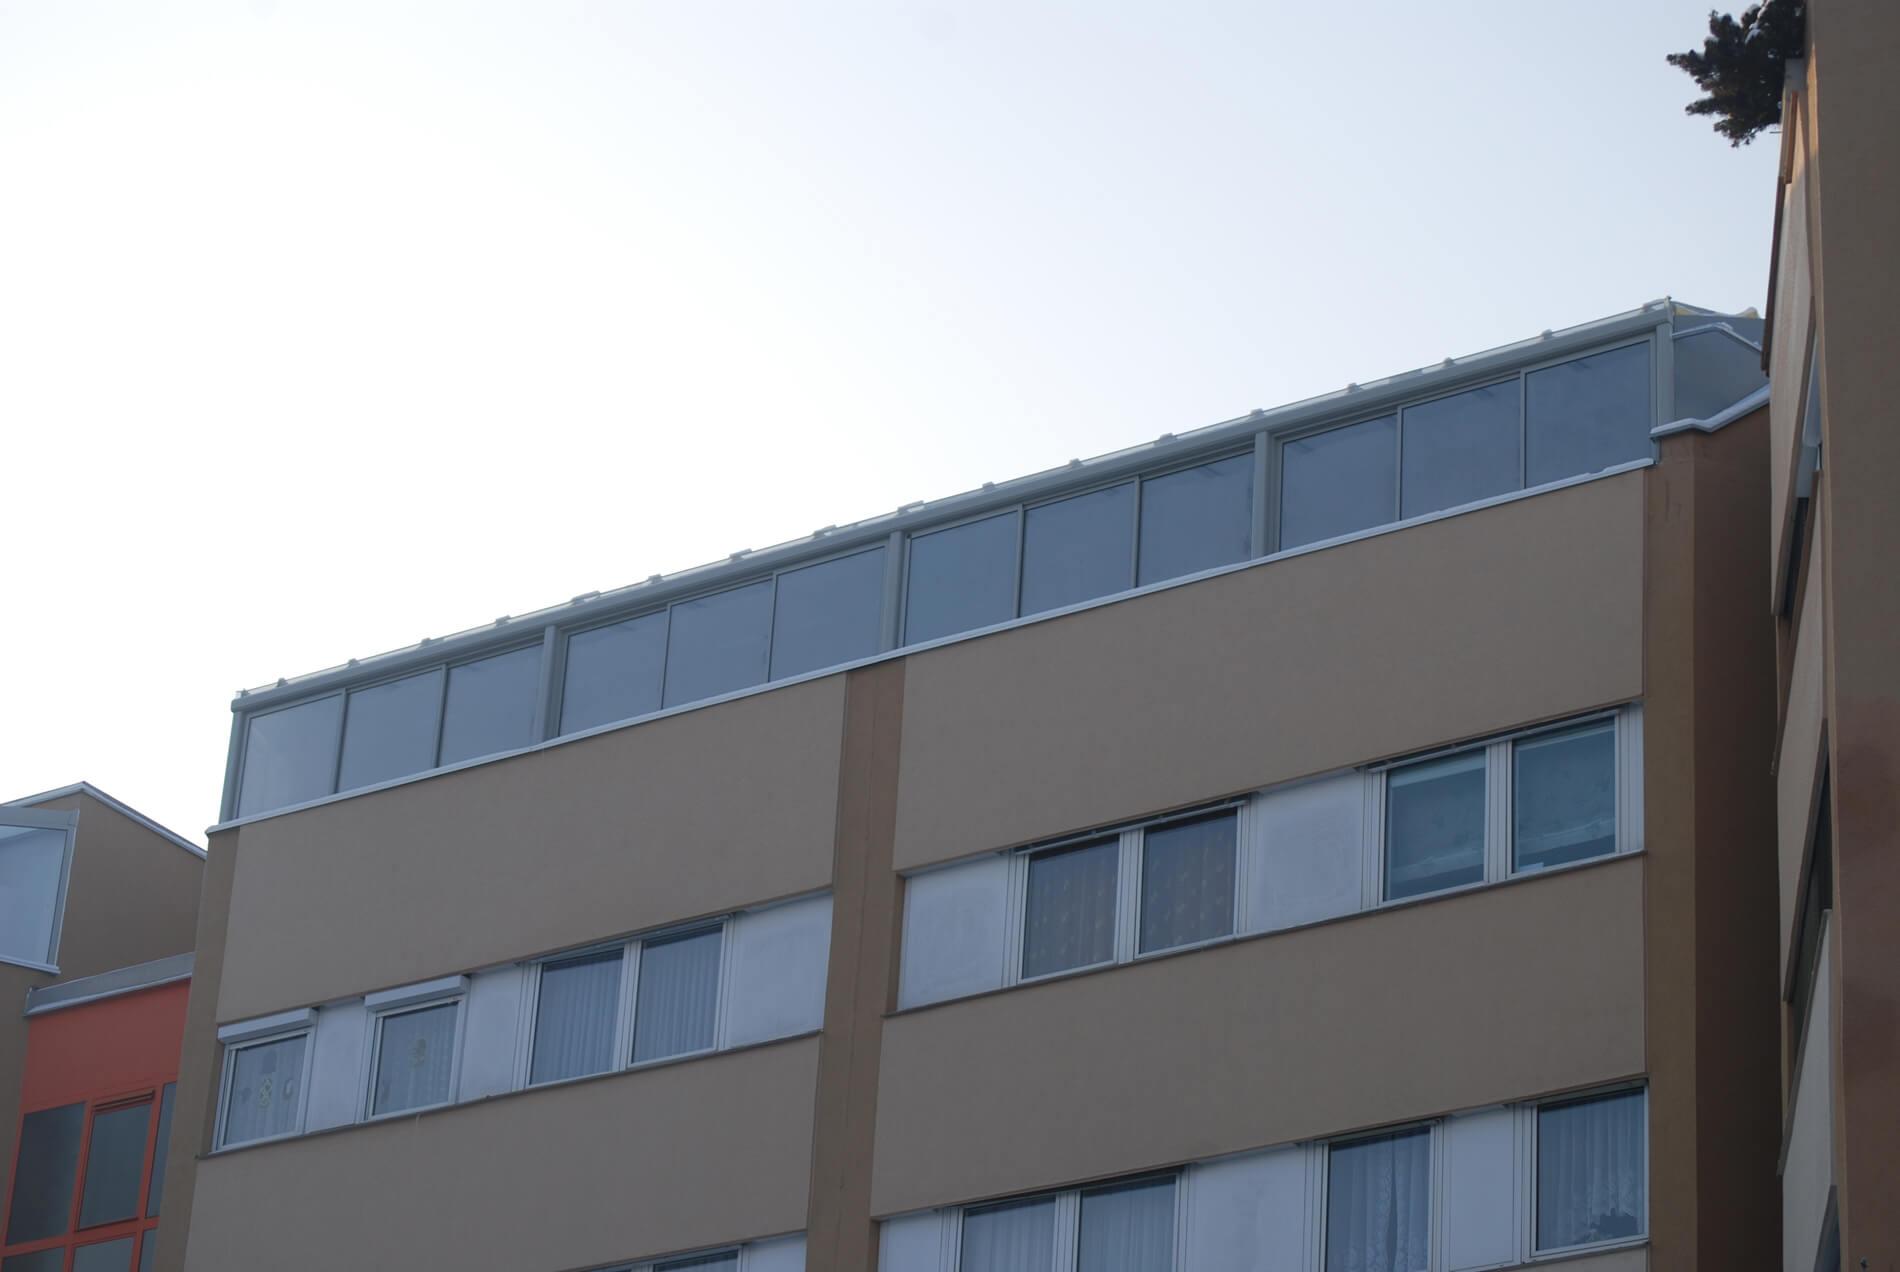 Wintergarten Terrasse in Aluminium grau